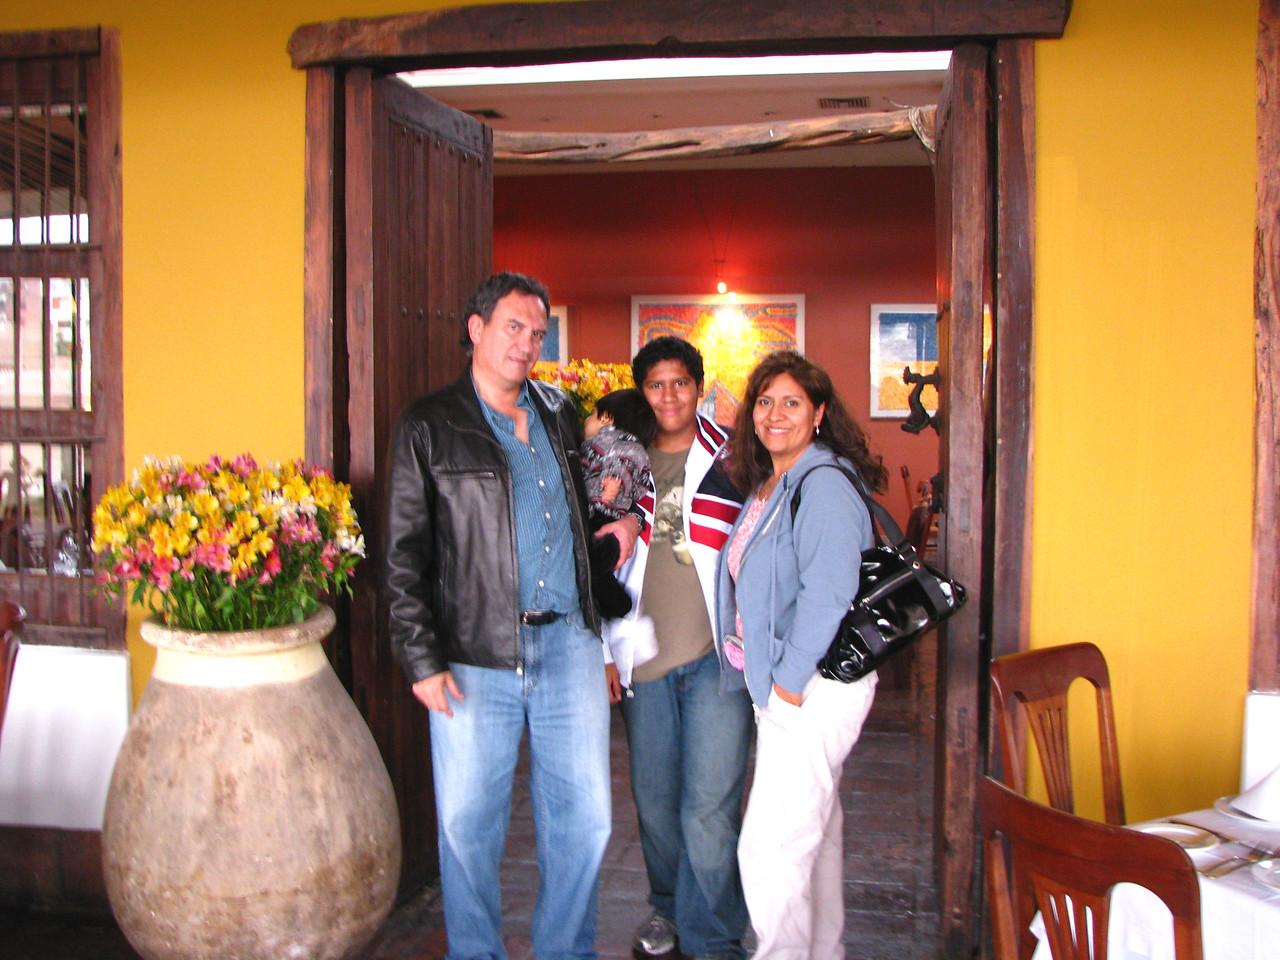 Today we are having lunch at the Huaca Pucllana, an amazing pre-inca structure with an on-site restaurant.<br /> <br /> Hoy almorzamos en la Huaca Pucllana, una estructura preinca con un restaurante hermoso en el lugar.